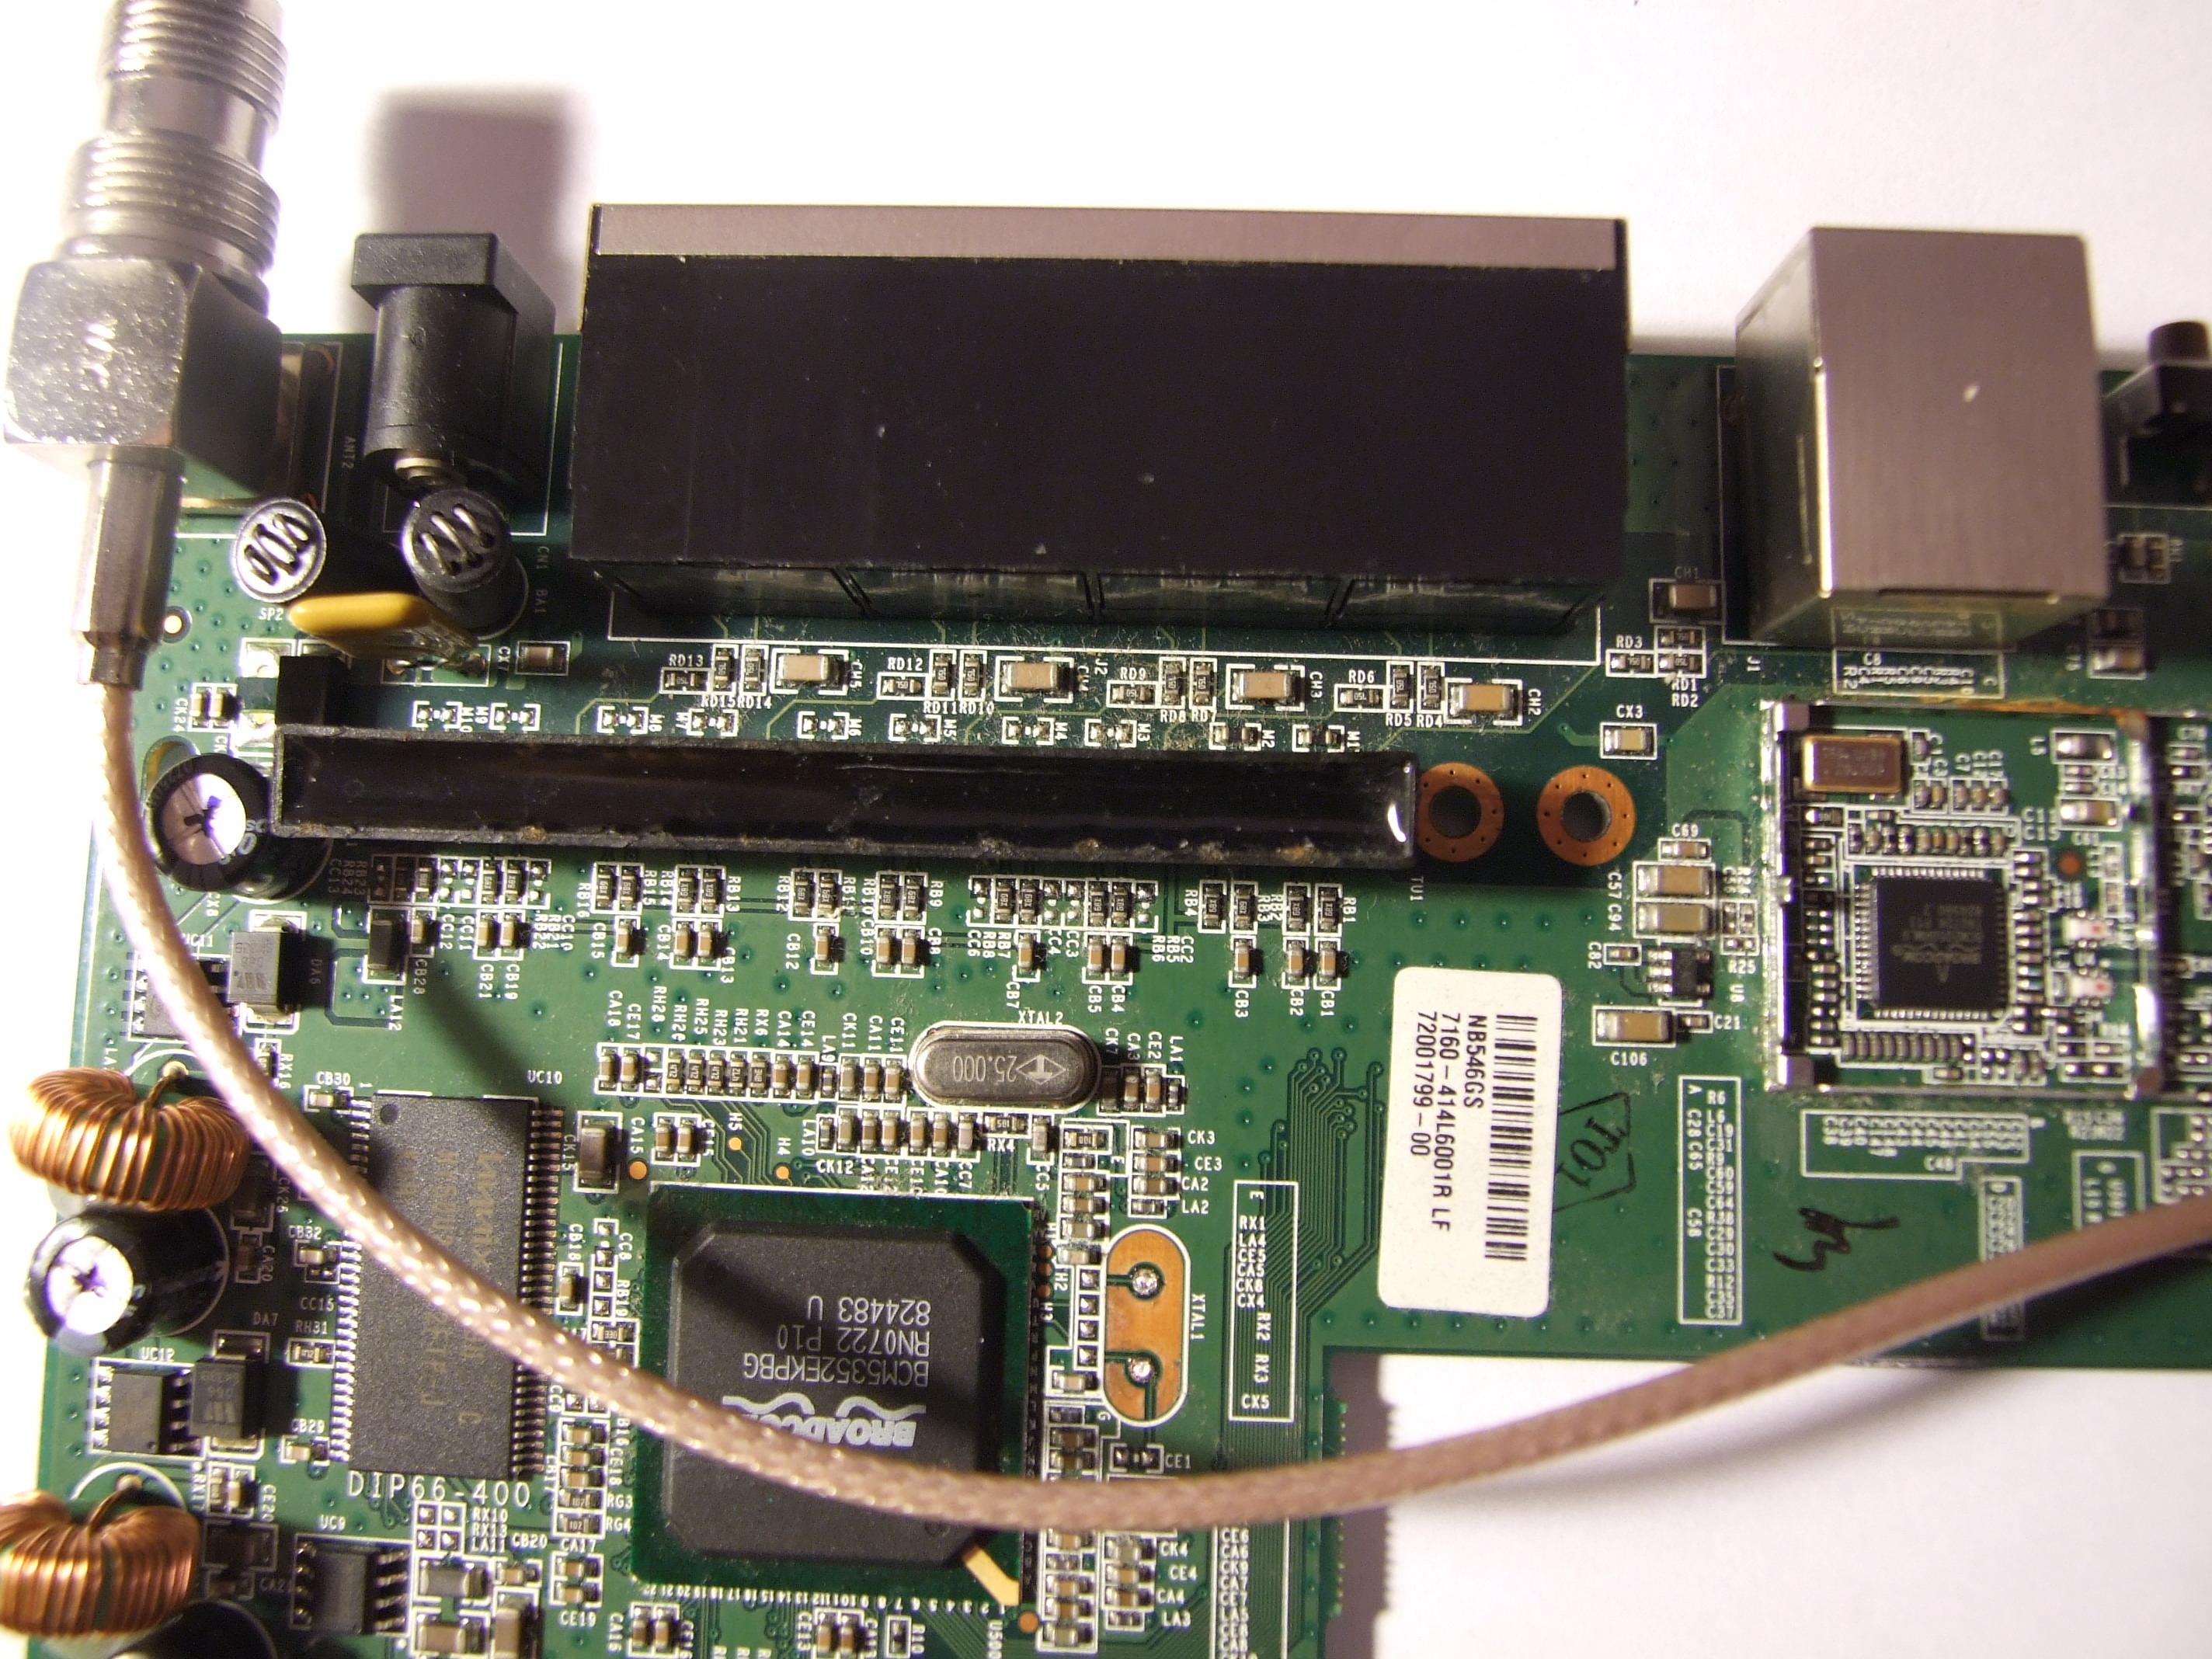 Naprawa WRT54GL v1.1 uszkodzony LAN?